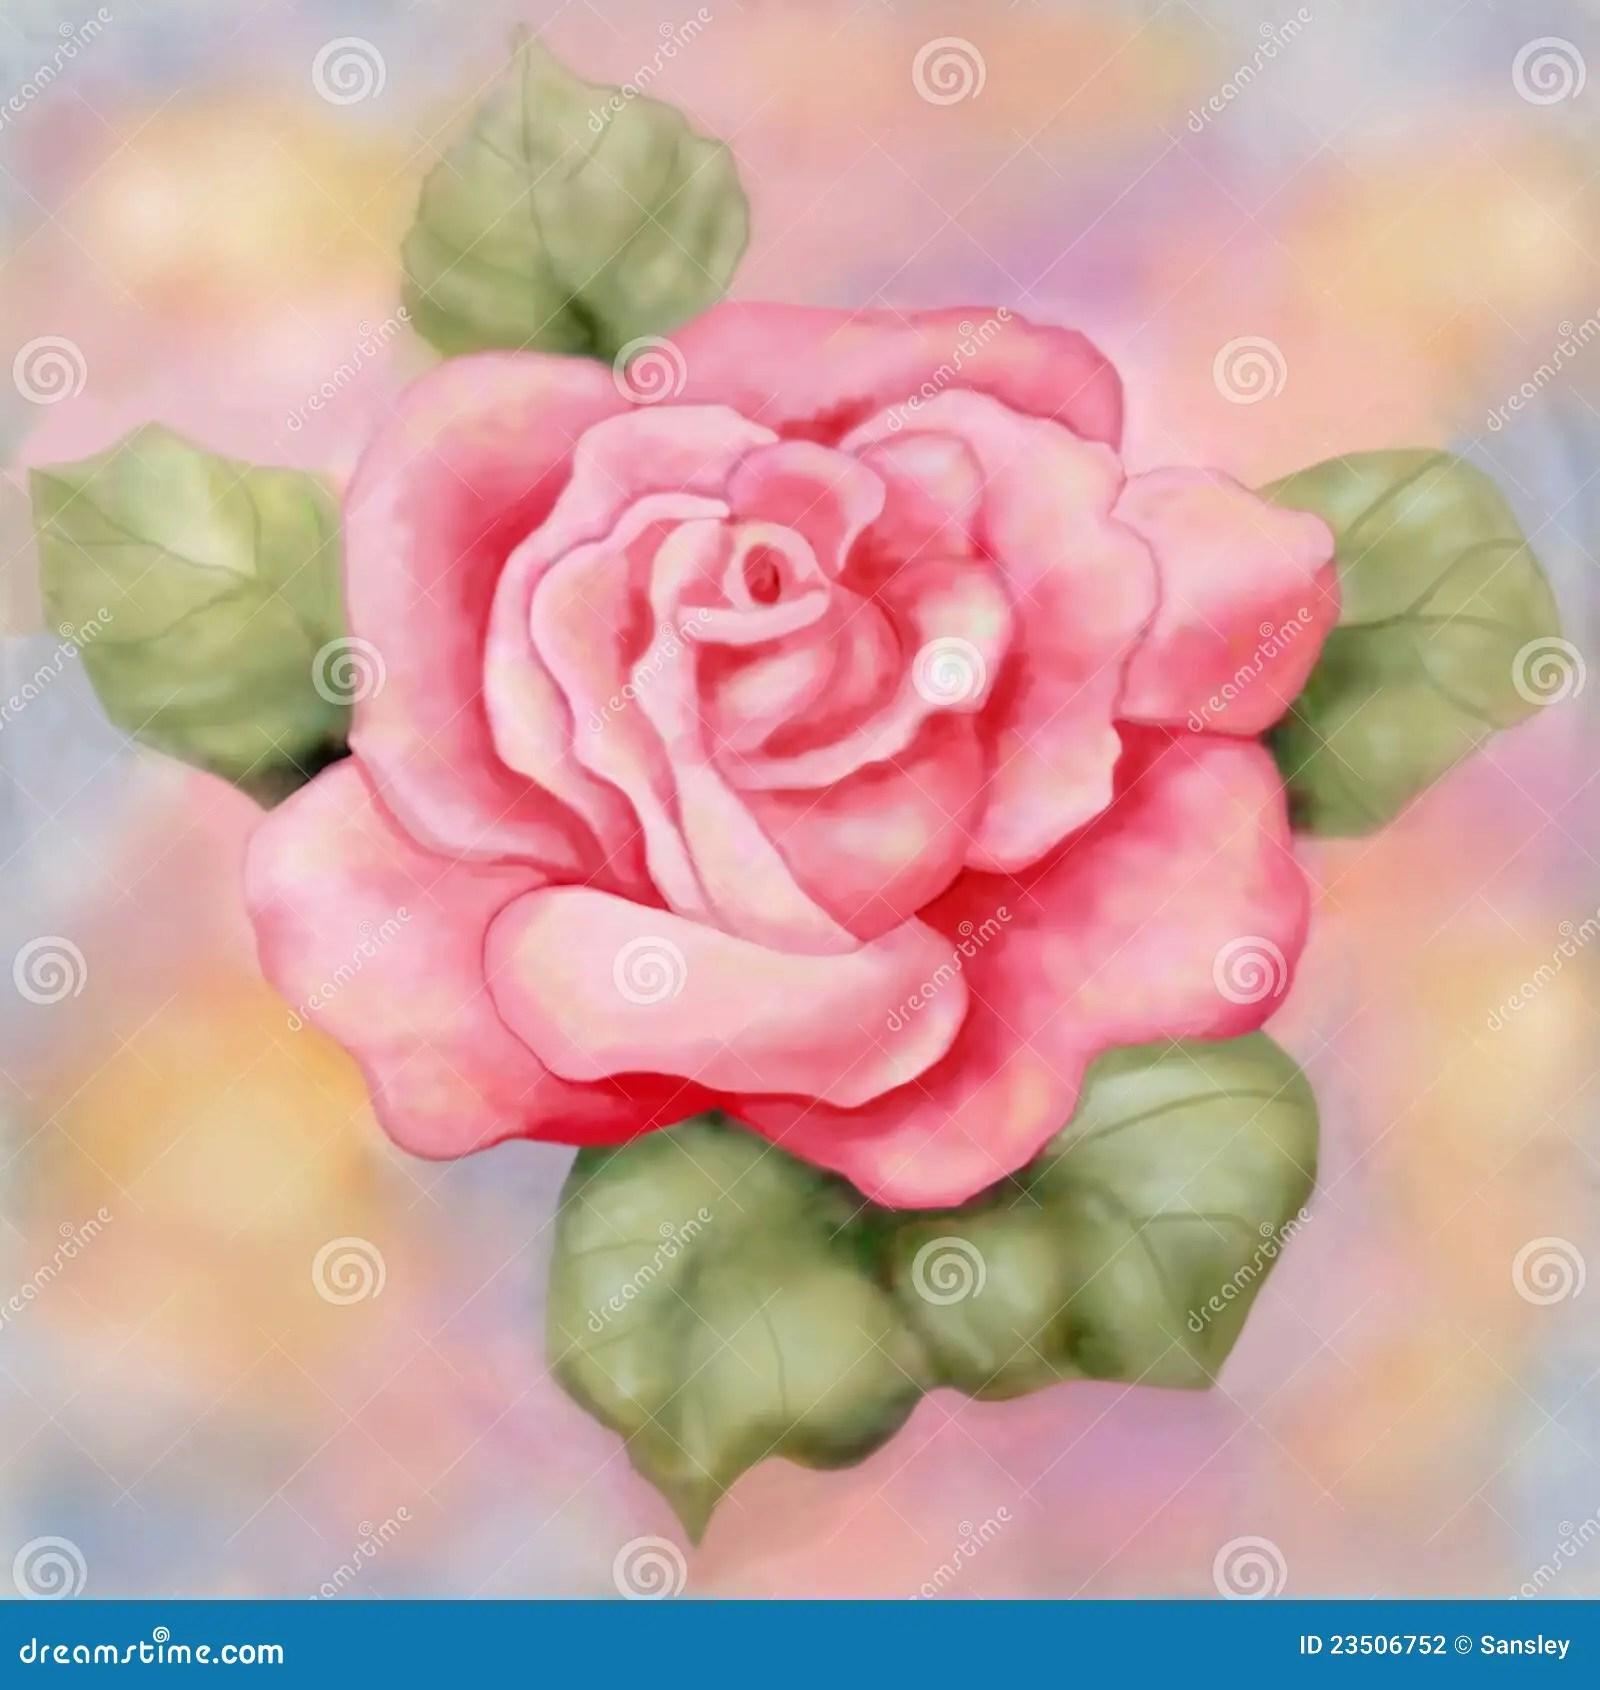 pink rose painting raster